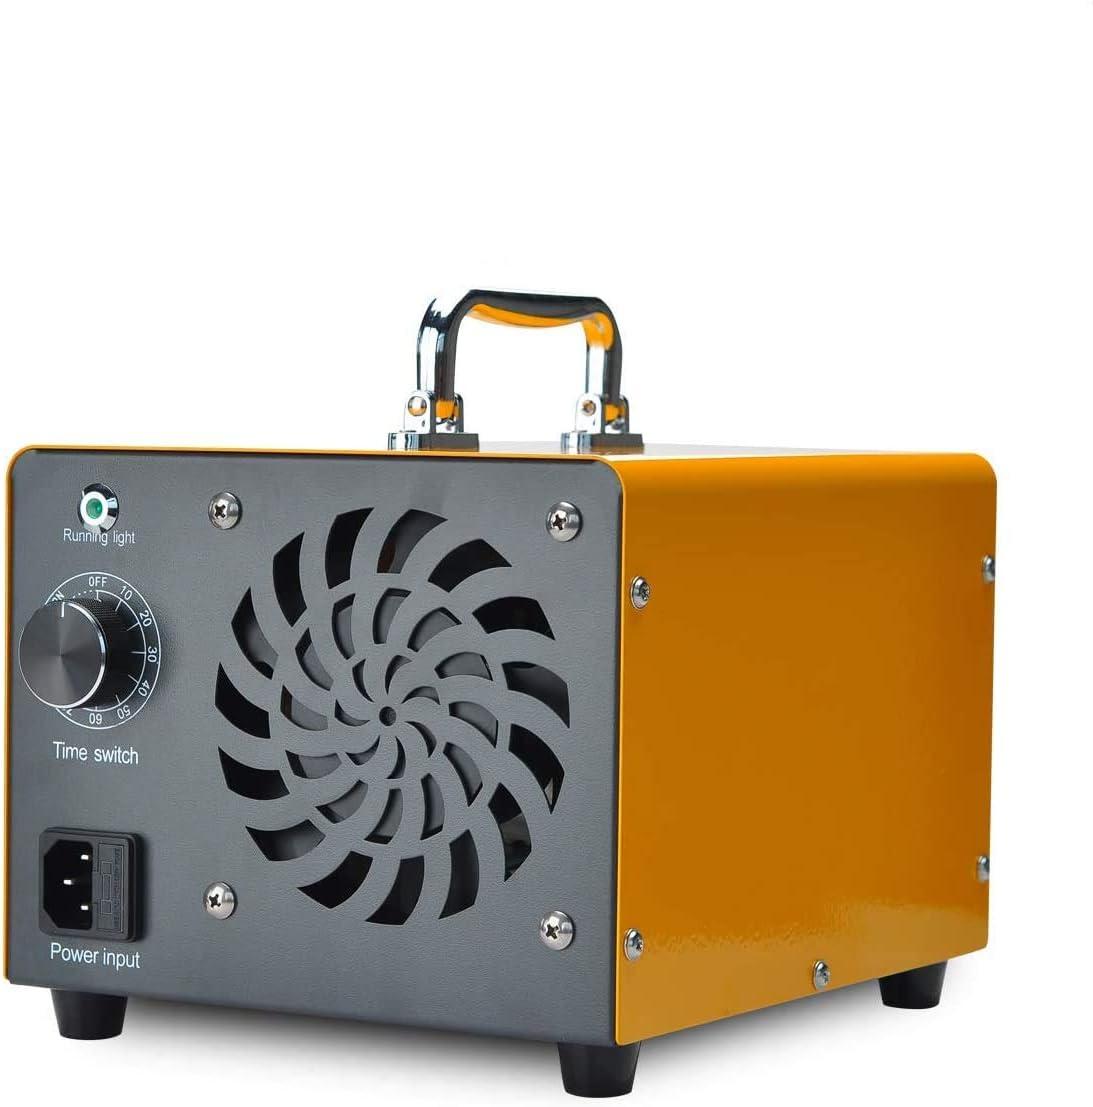 Generador de ozono Podazz 15000mg // h 120W mantas utilizado para ropa desodorante de sala de ionizaci/ón de aire dom/éstico de m/áquina O3 negro, 15000mg // h gabinetes mascotas